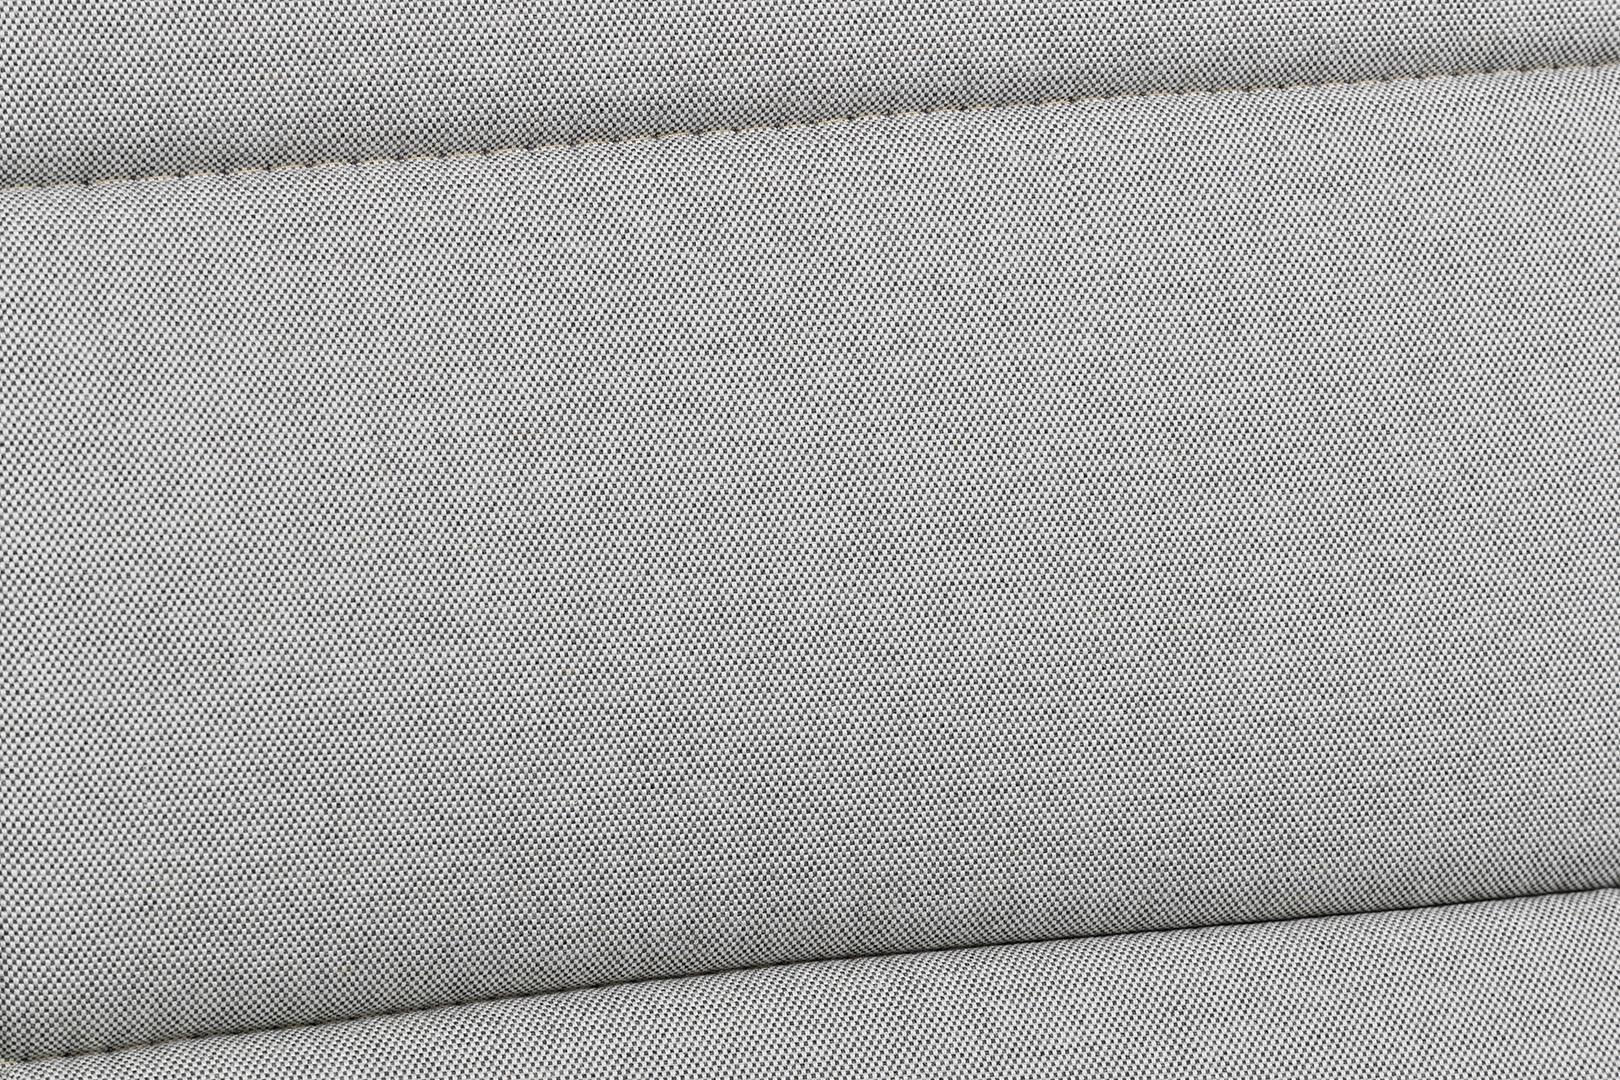 SMELL Niedriglehner 103 x 50 x 3 cm